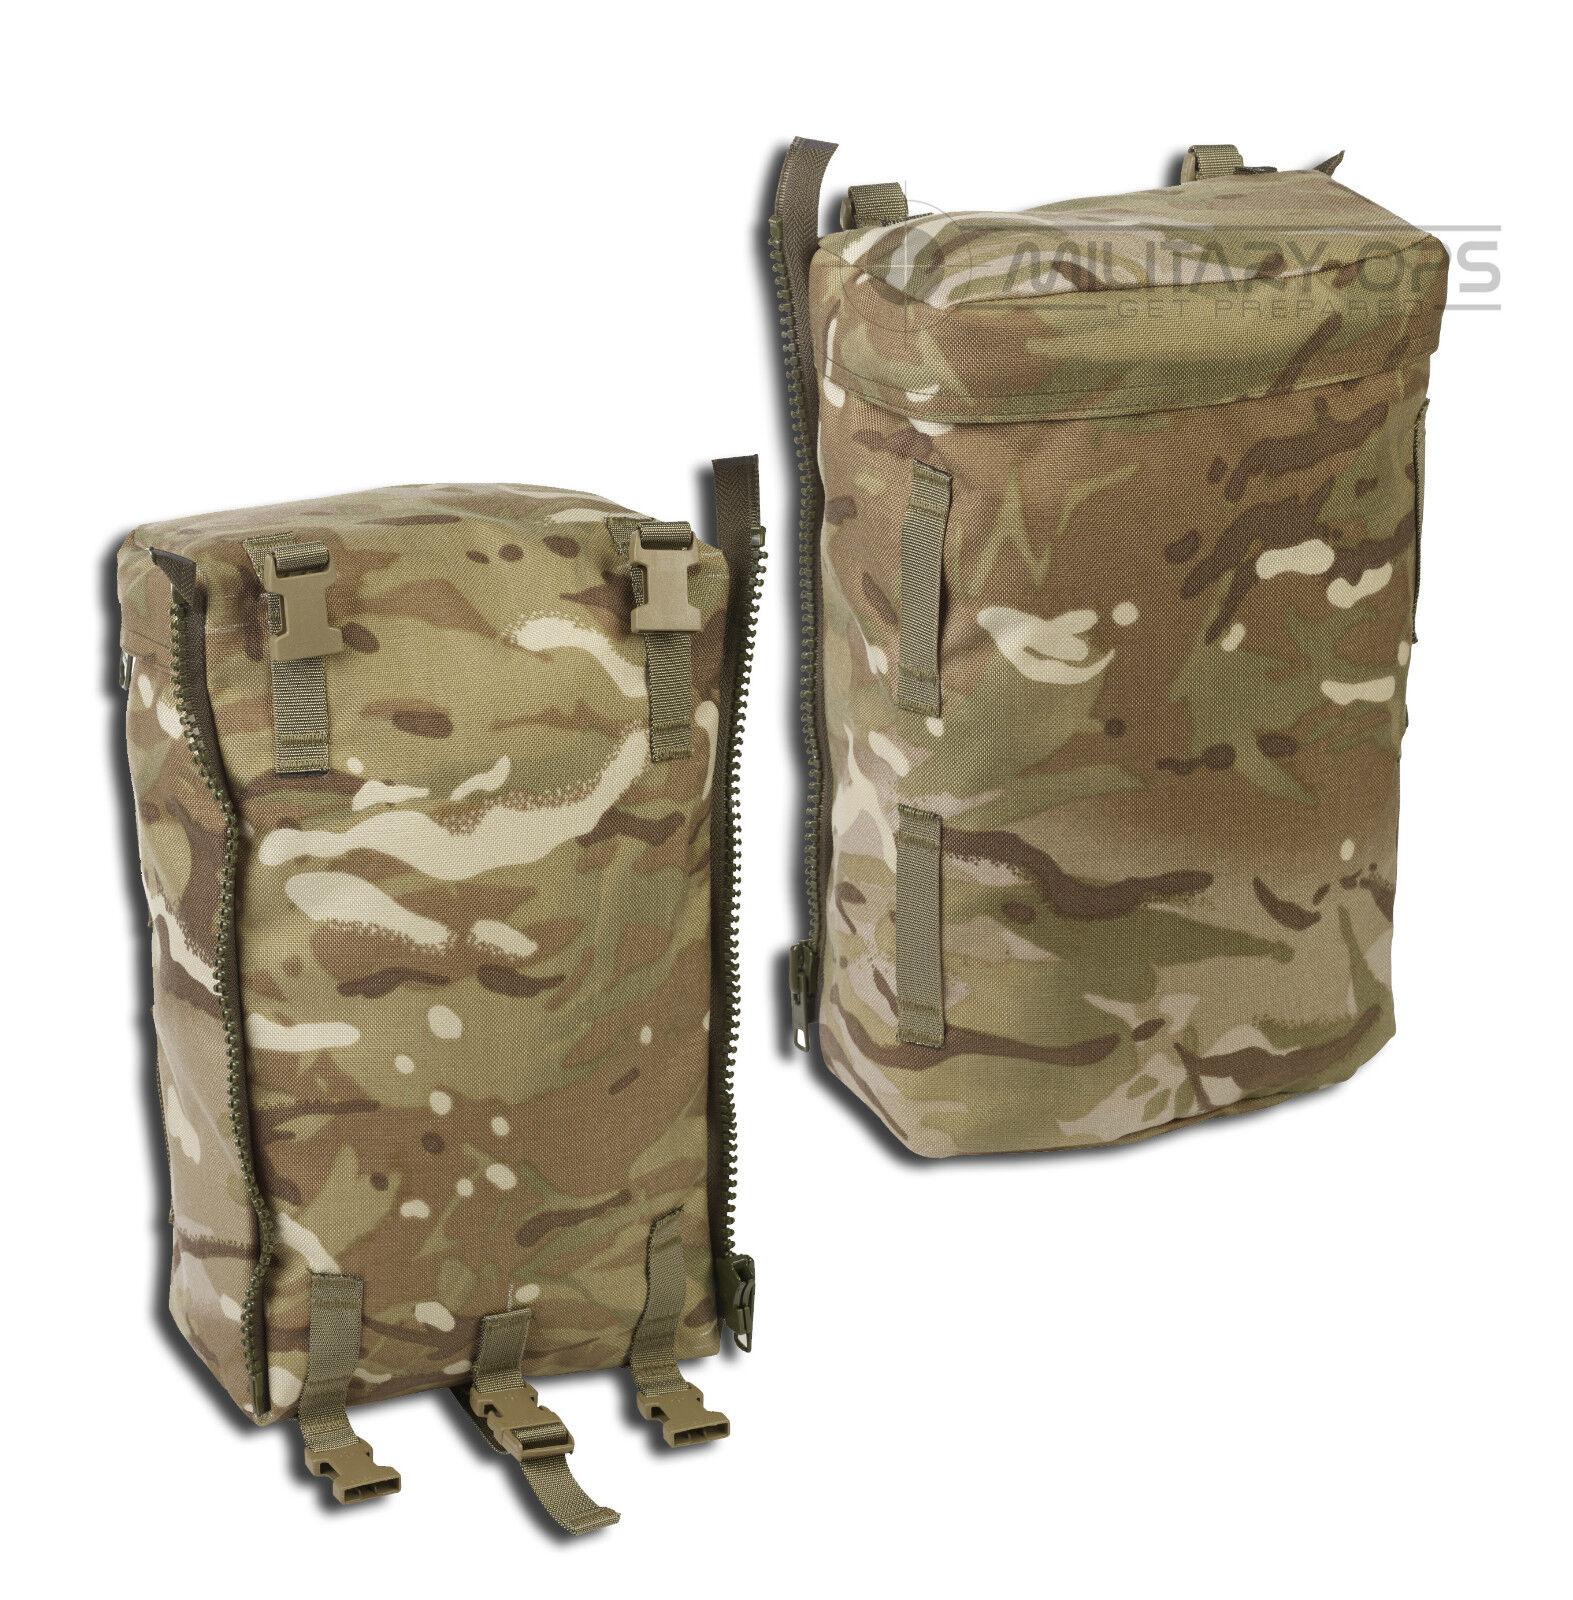 Plce Bergen Bolsillos Laterales Nuevo Camuflaje Mtp Multicam Ejército Militar